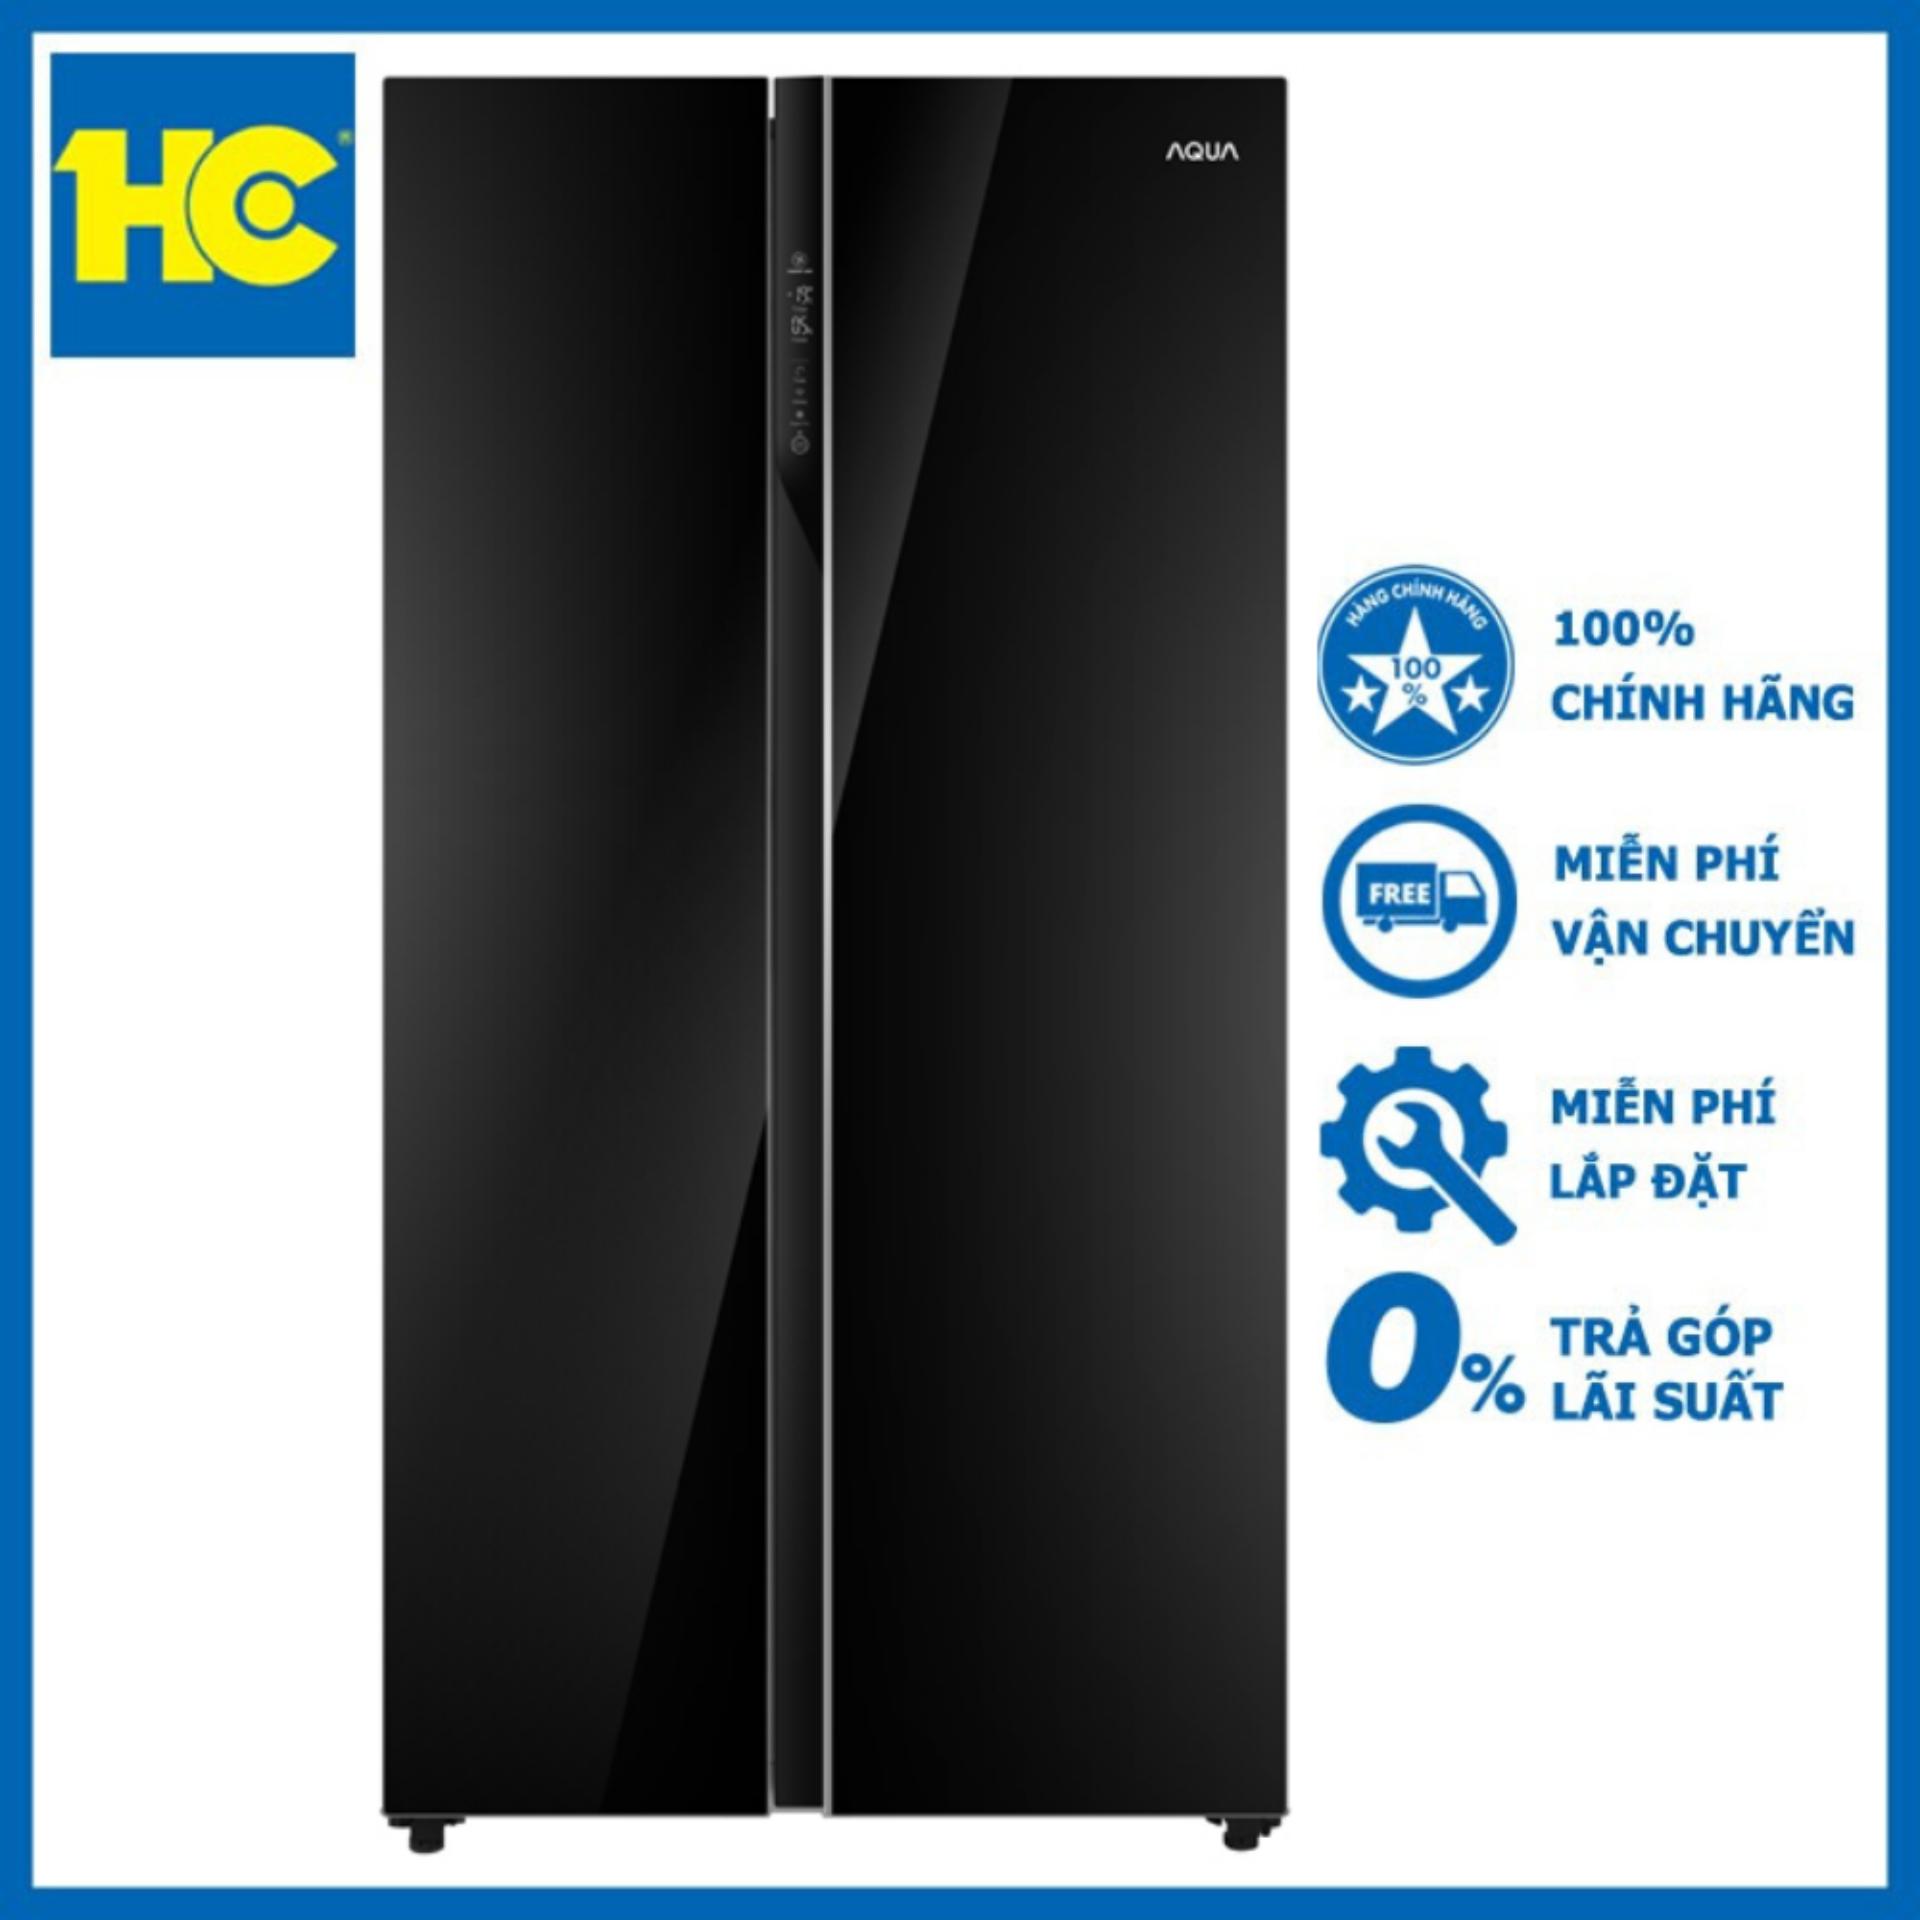 Tủ lạnh Aqua Inverter 576 lít AQR-IG696FS(GB) – Miễn phí vận chuyển & lắp đặt – Bảo hành chính hãng